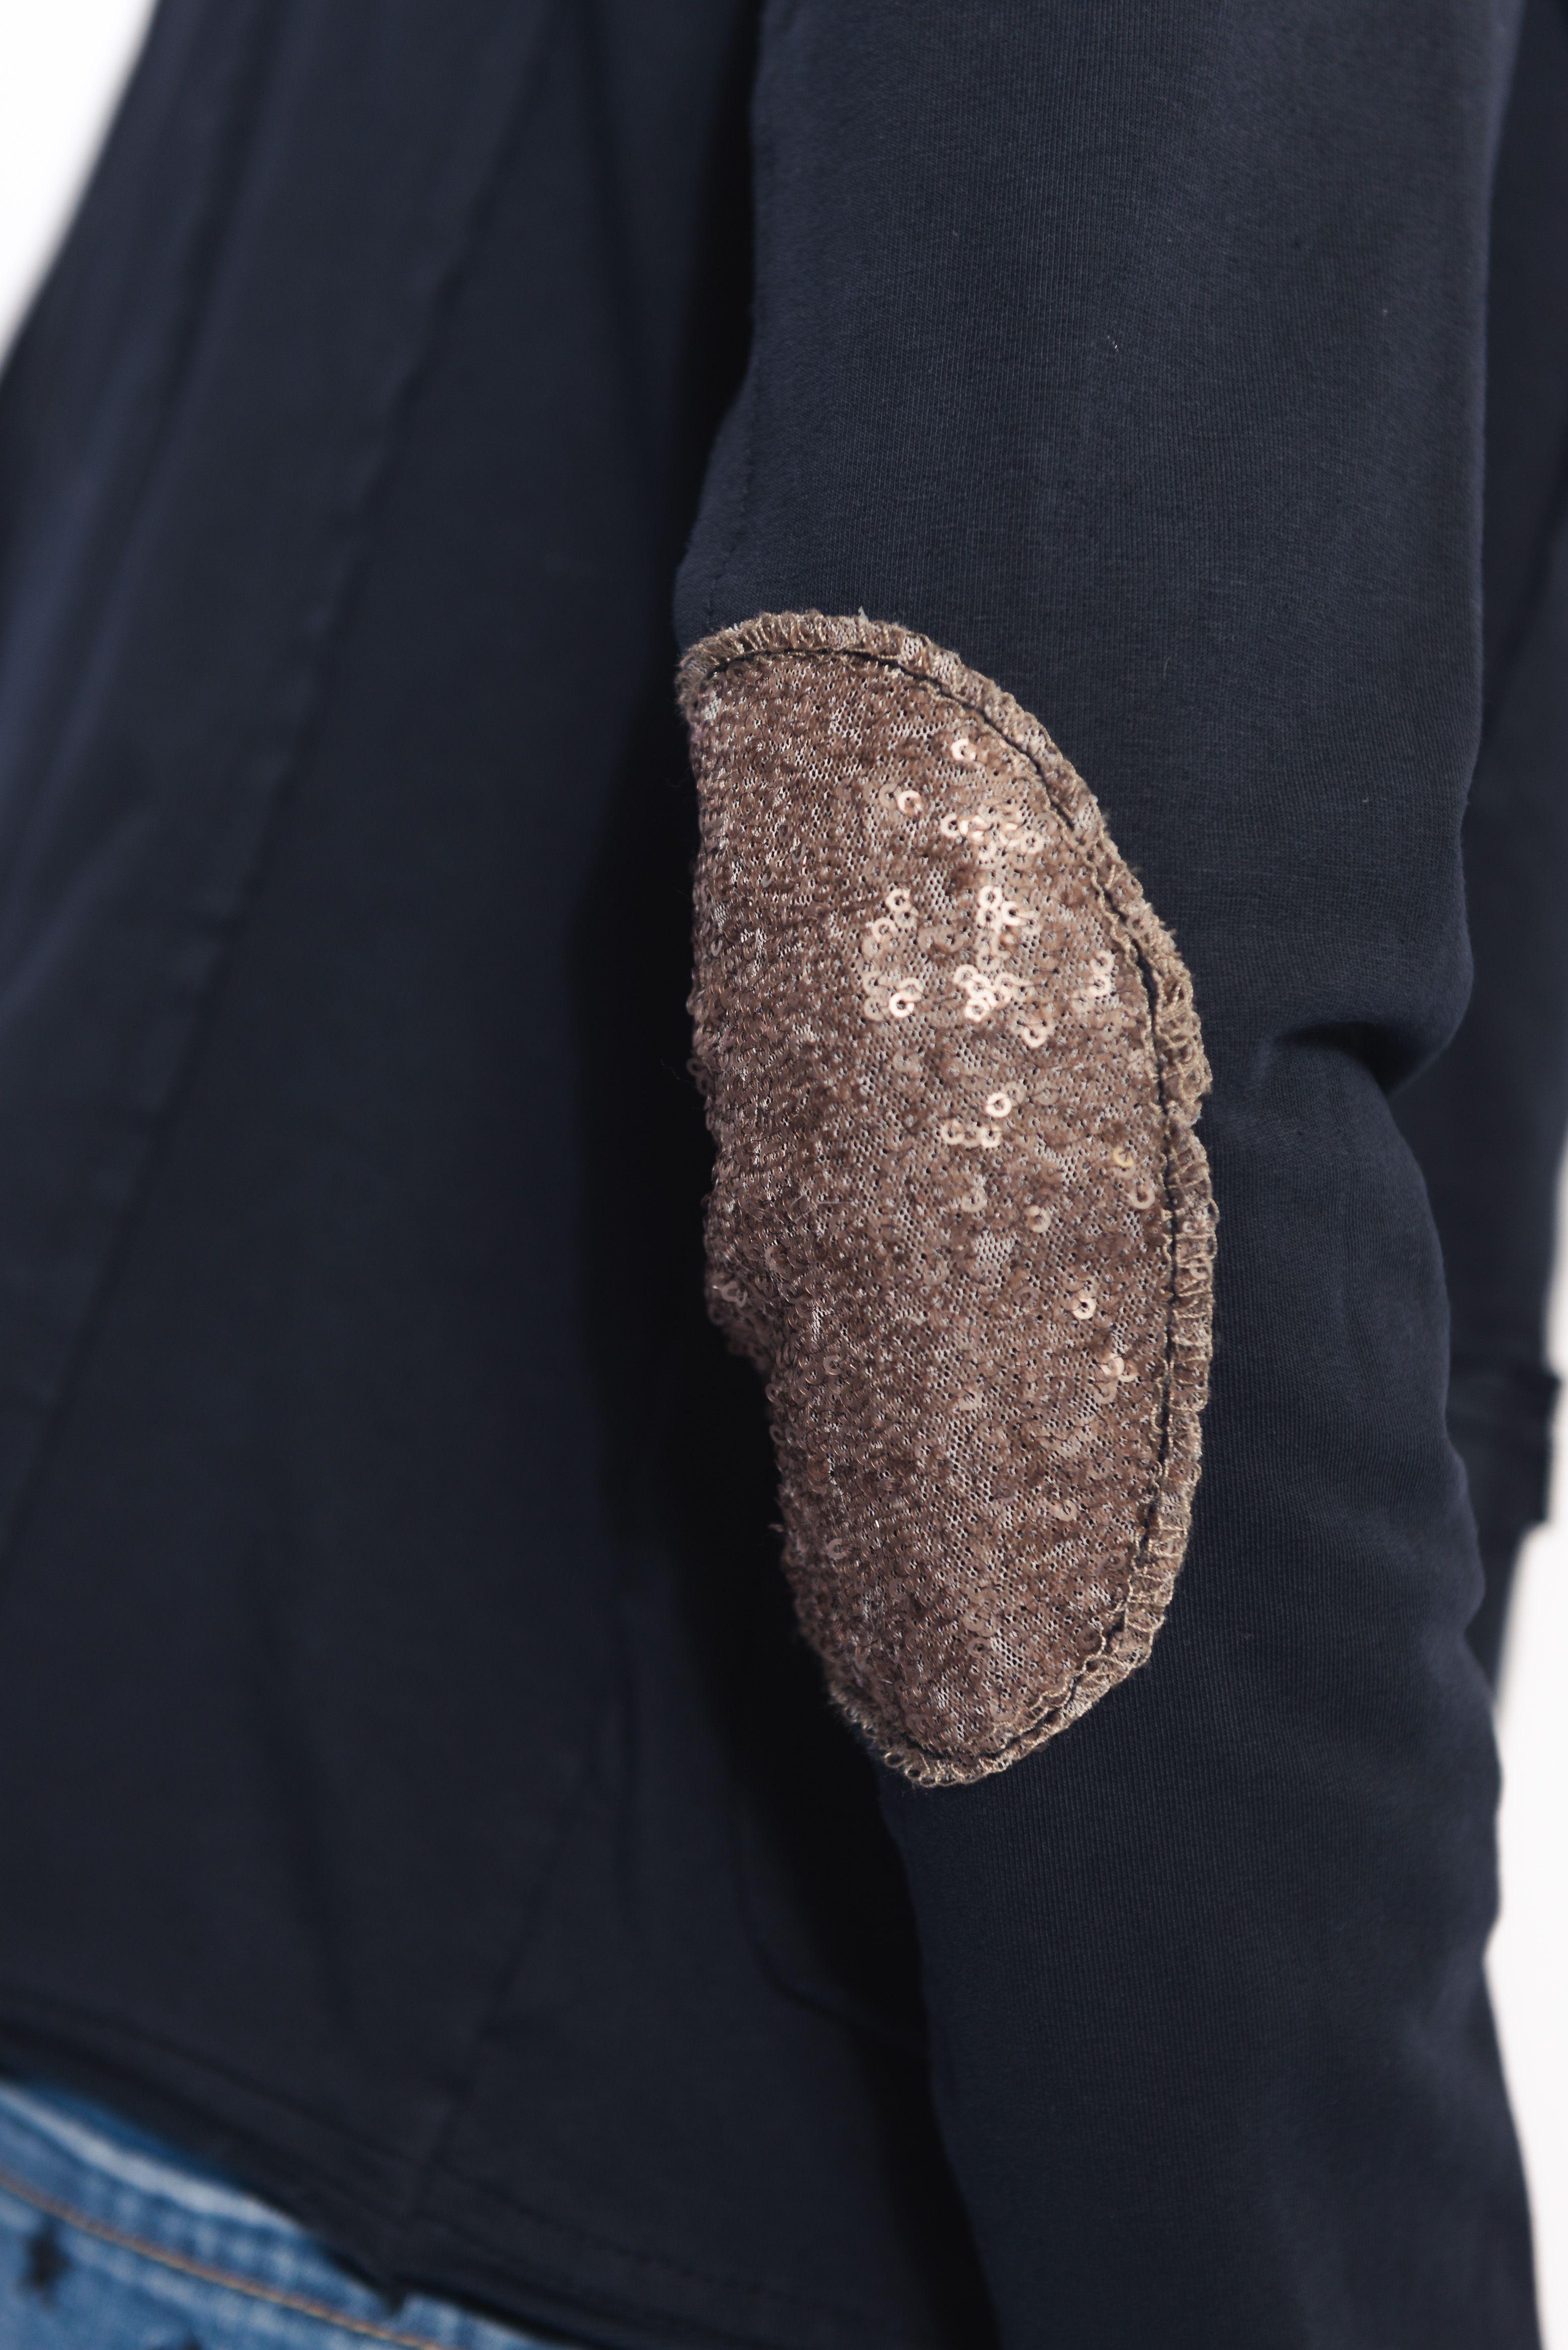 achetez la veste blazer bleu marine femme avec paillettes sur les coudes sur notre site www. Black Bedroom Furniture Sets. Home Design Ideas